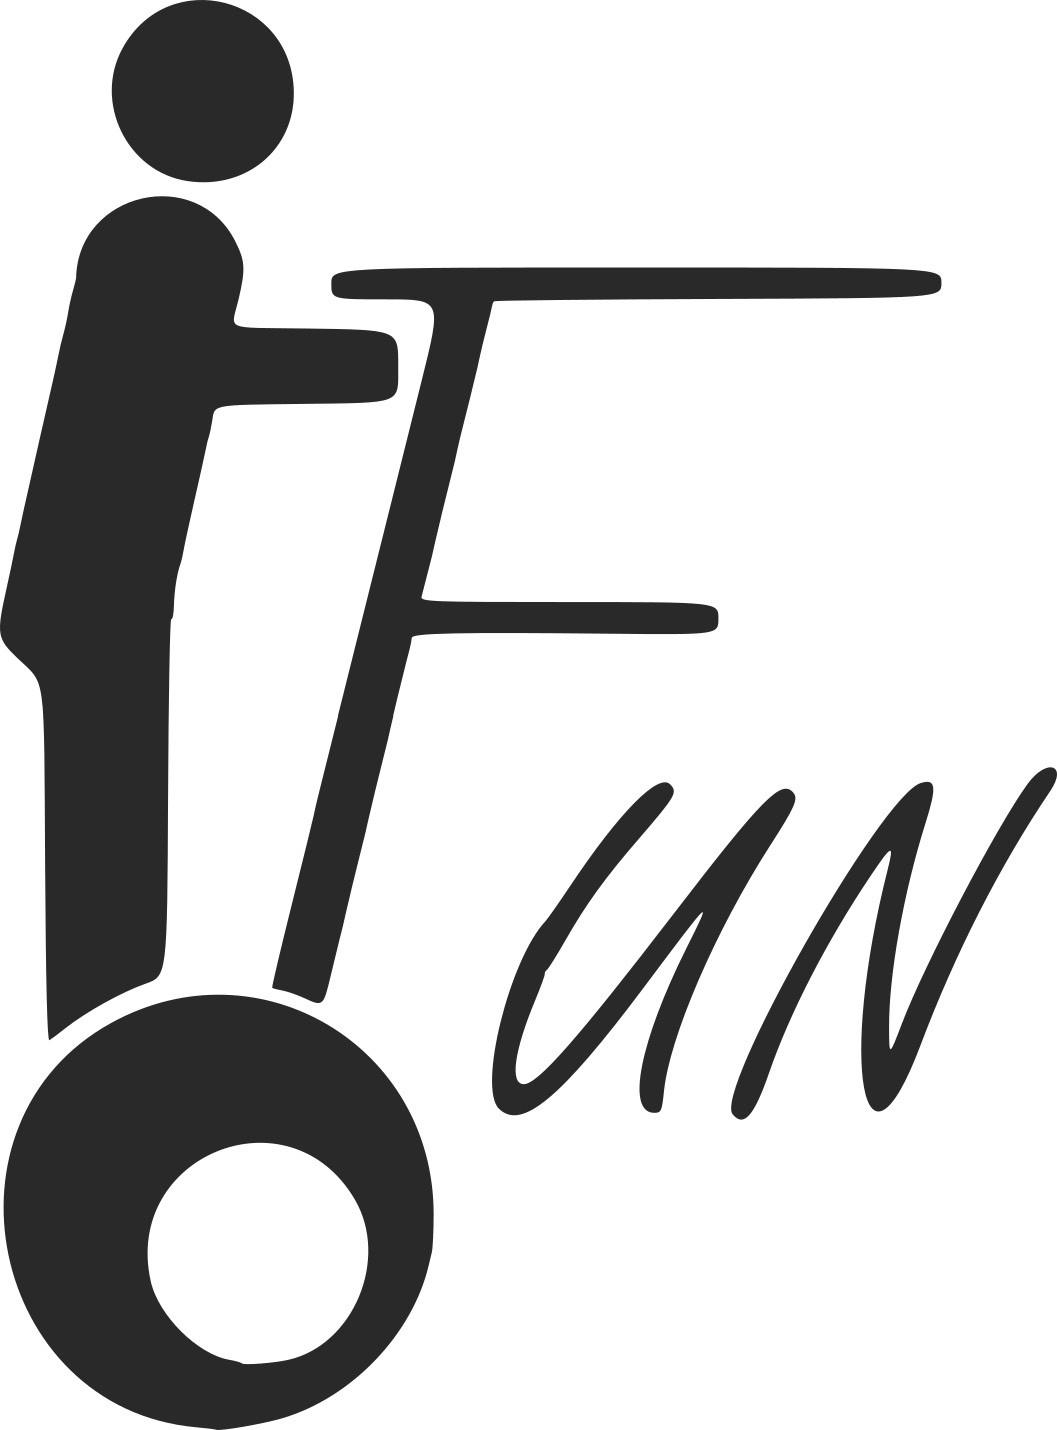 logo-fun-185853